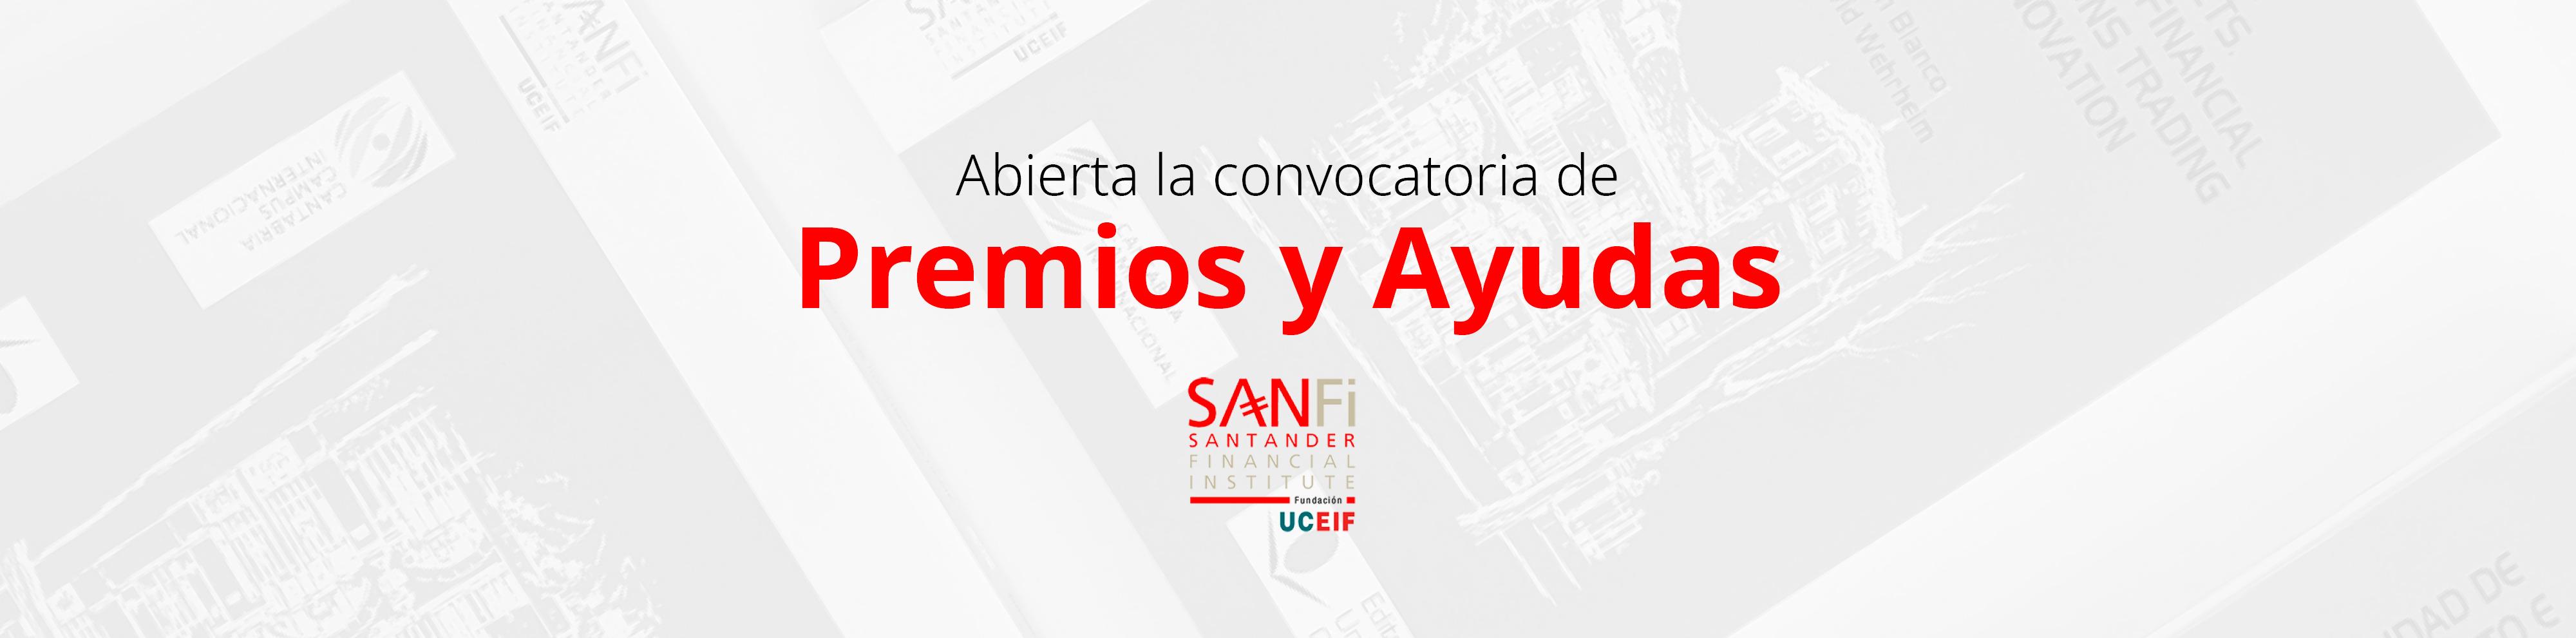 Premios_Ayudas_Sanfi